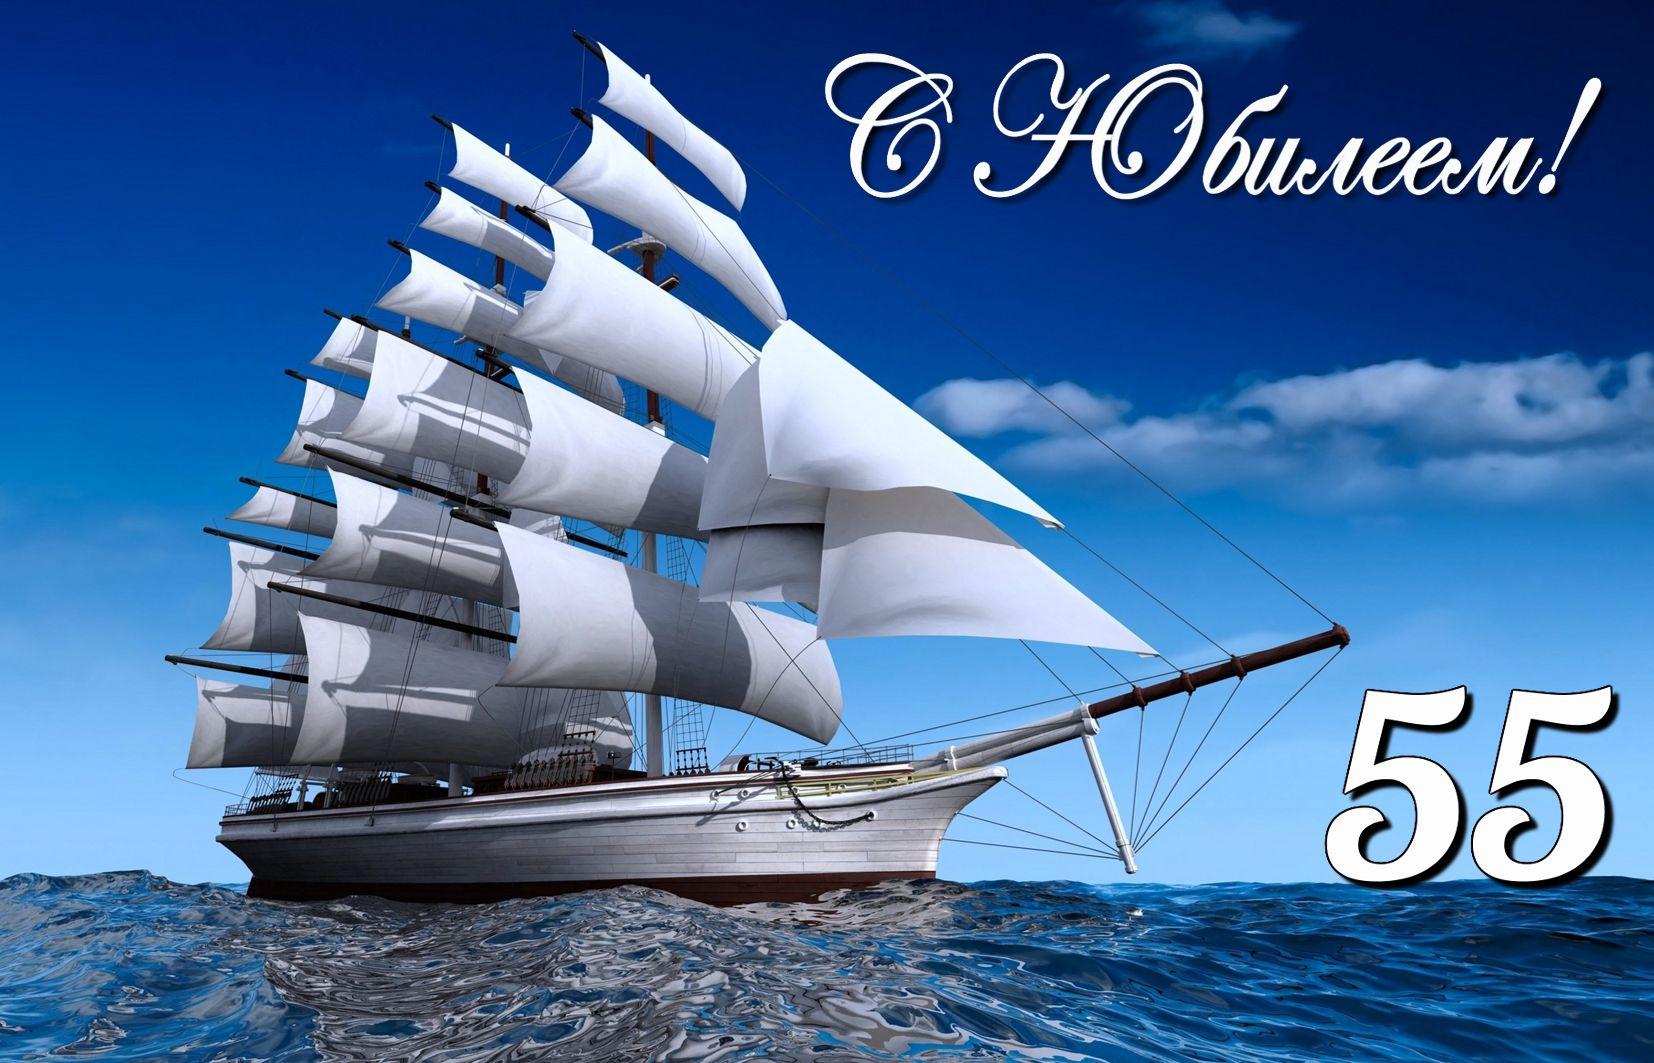 Открытка с яхтой в открытом море на 55 лет